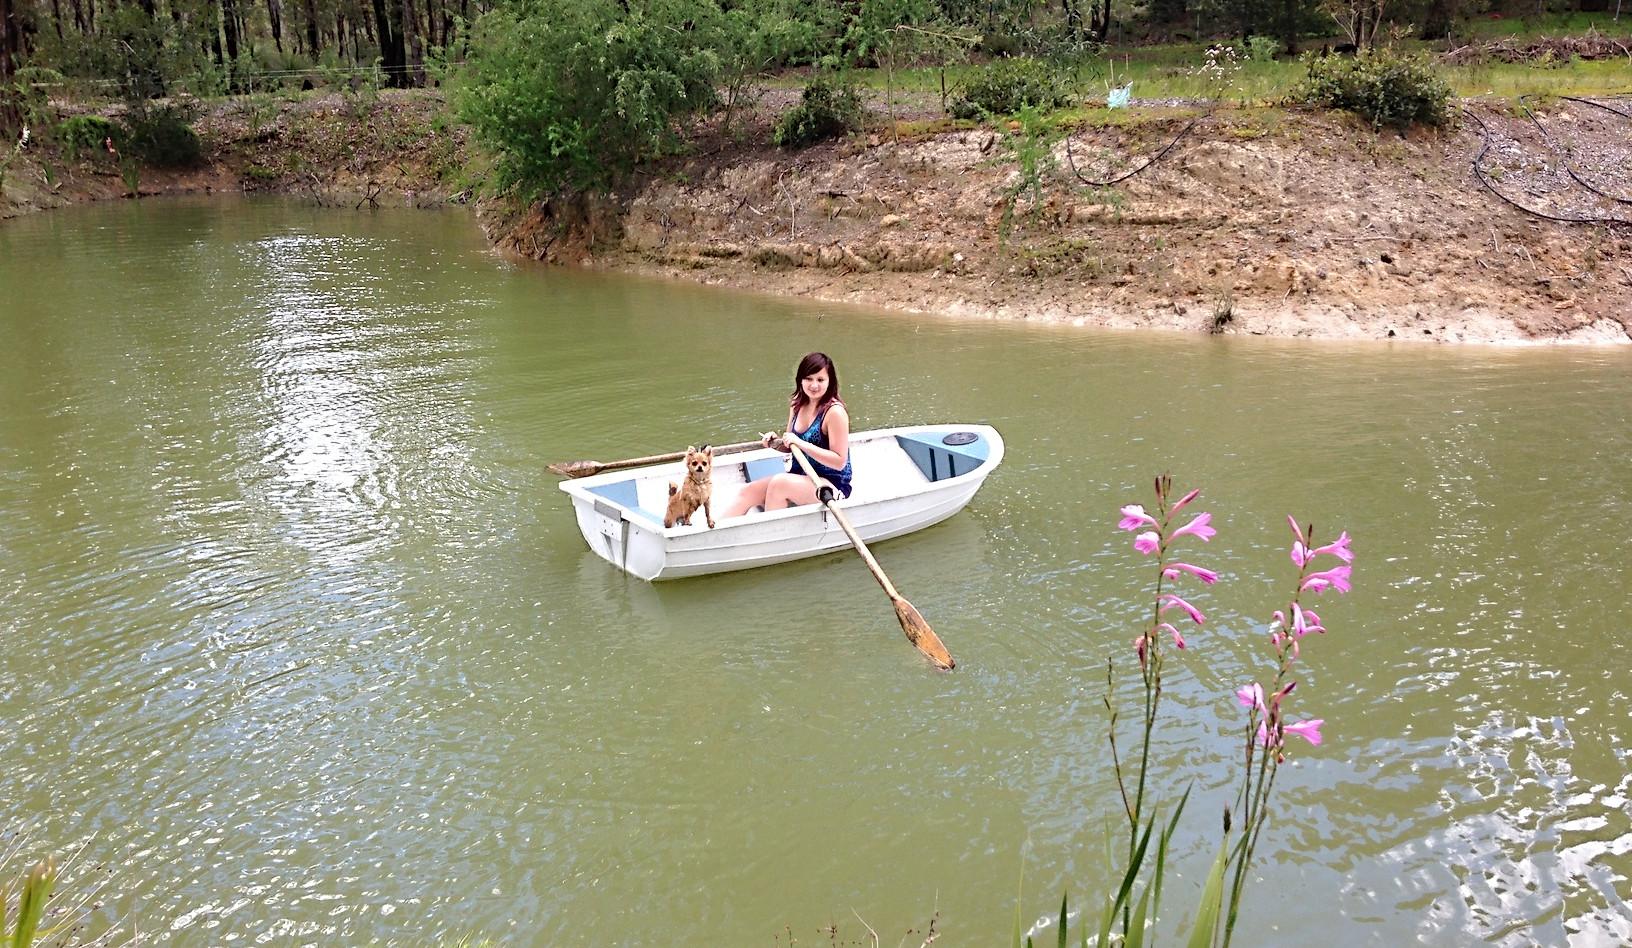 Row boat available - seasonal